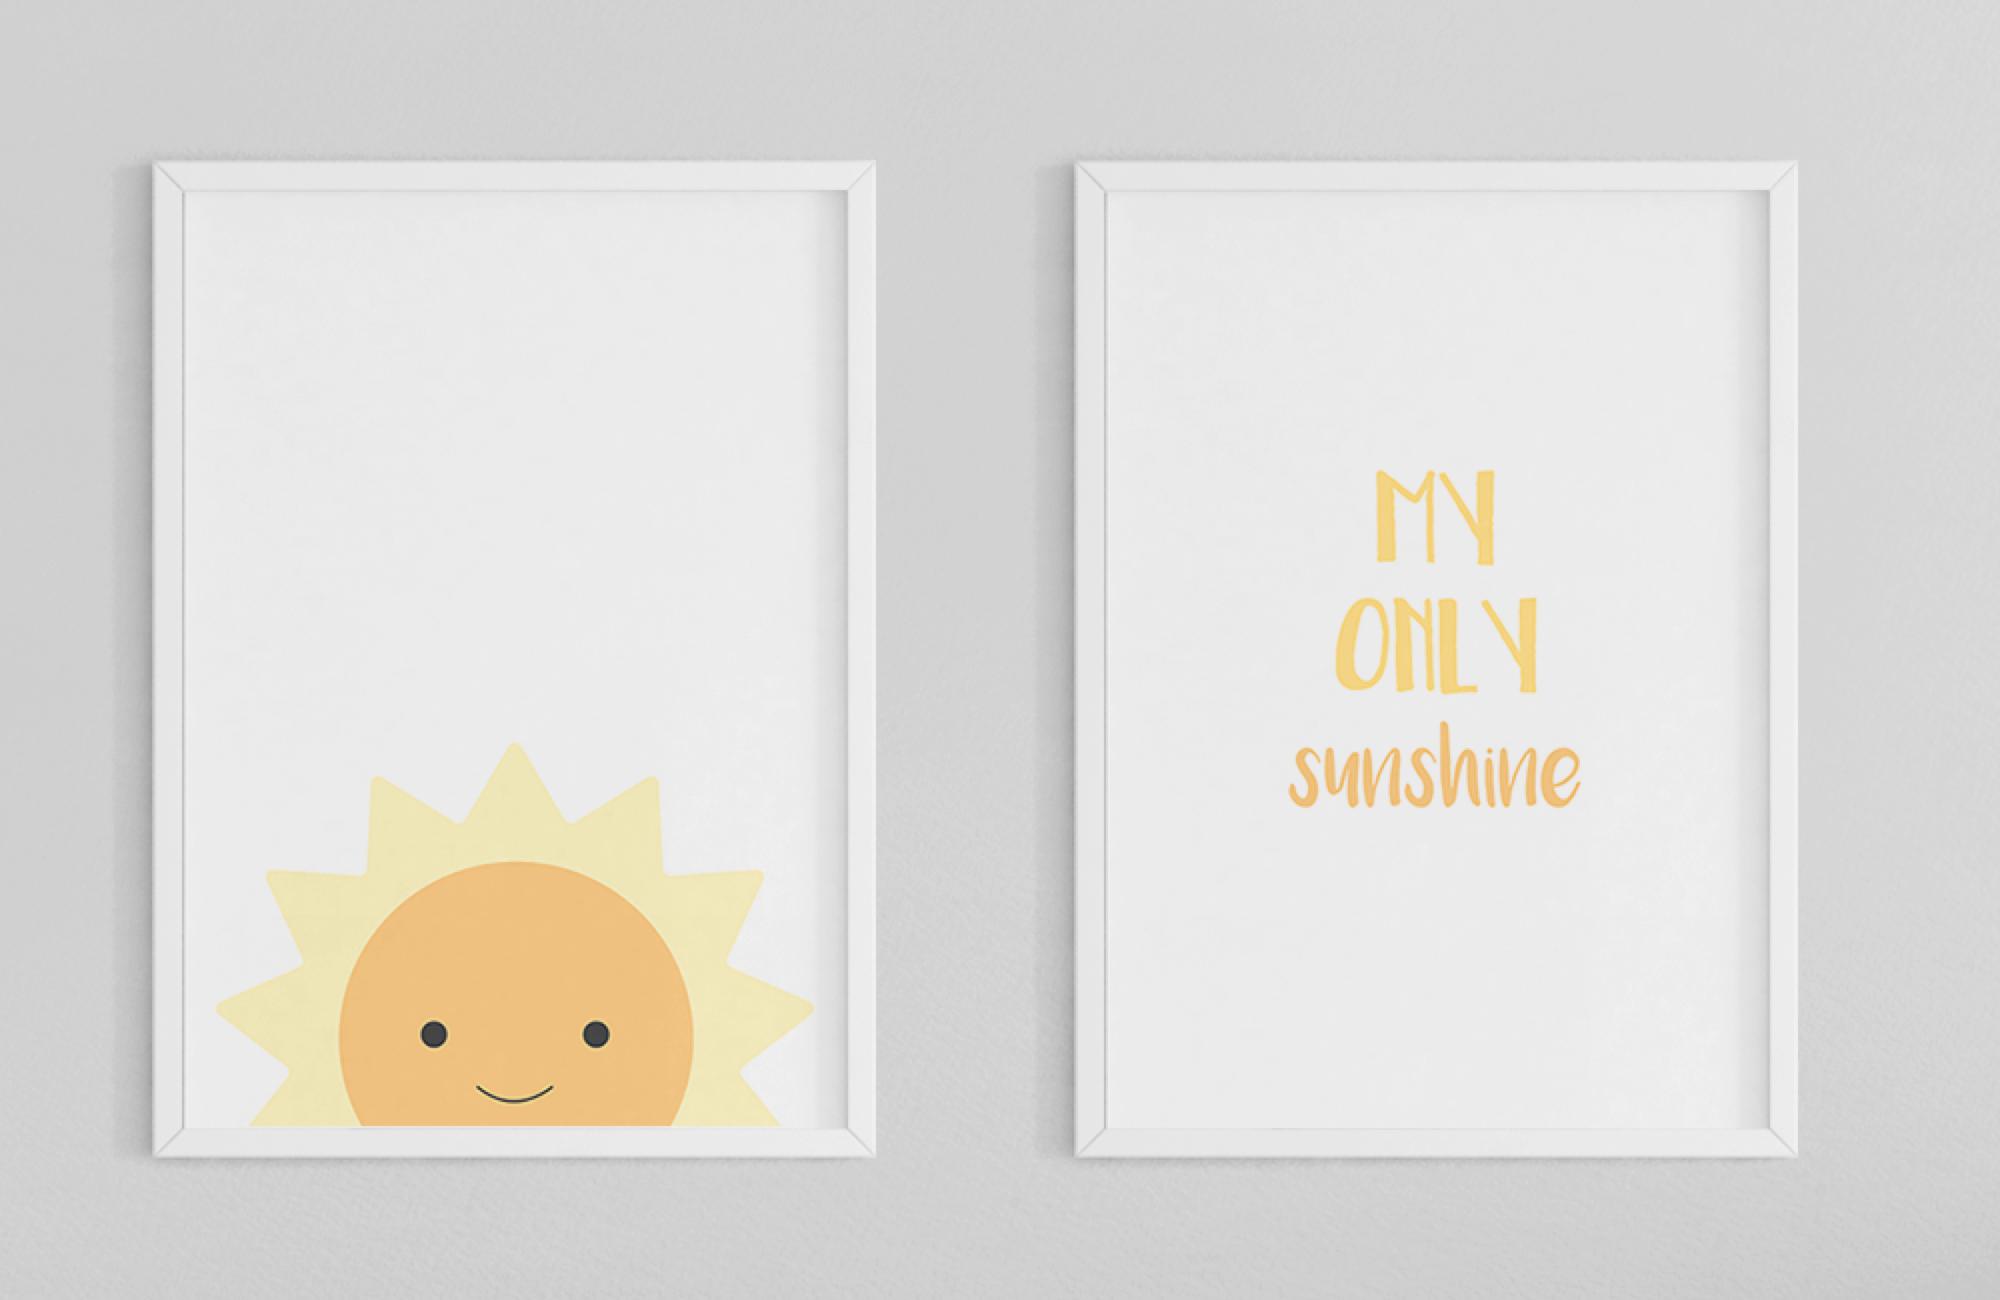 Sunshine_Frame_1.png